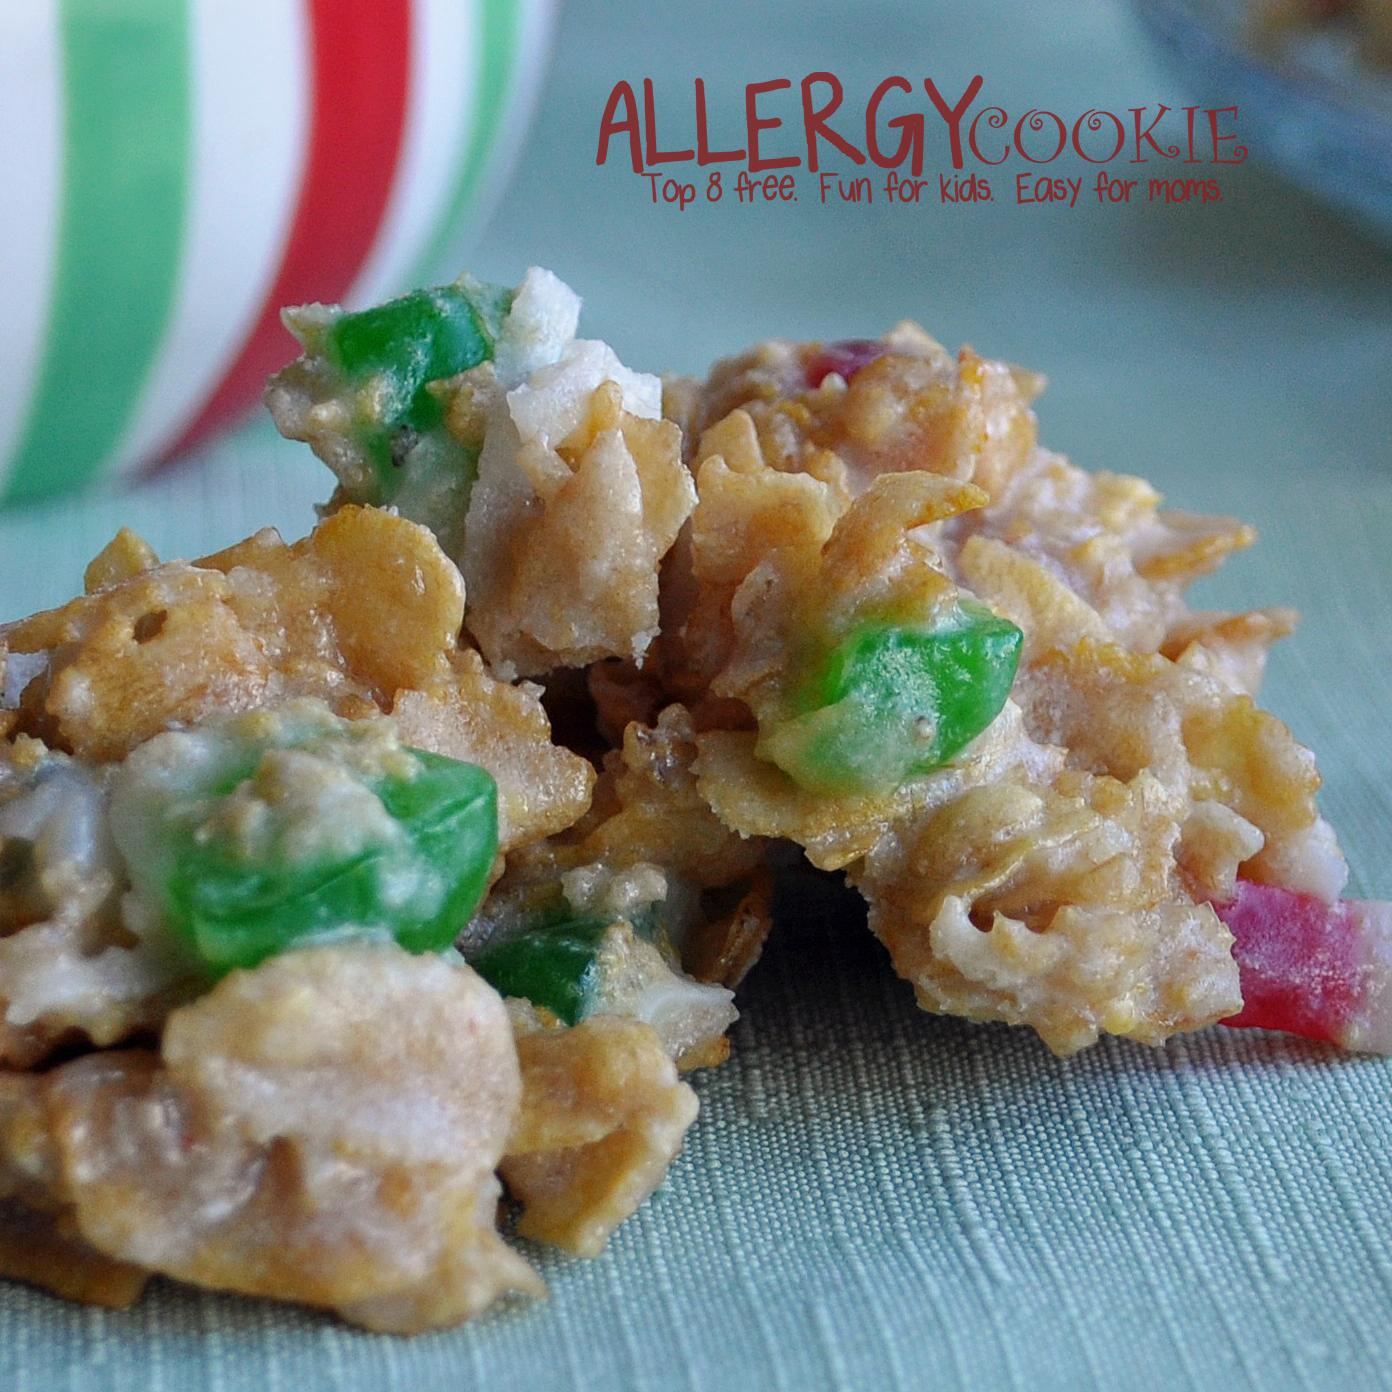 Holiday Fruitcake No Bake Cookies (gluten free, vegan, top 8 free)